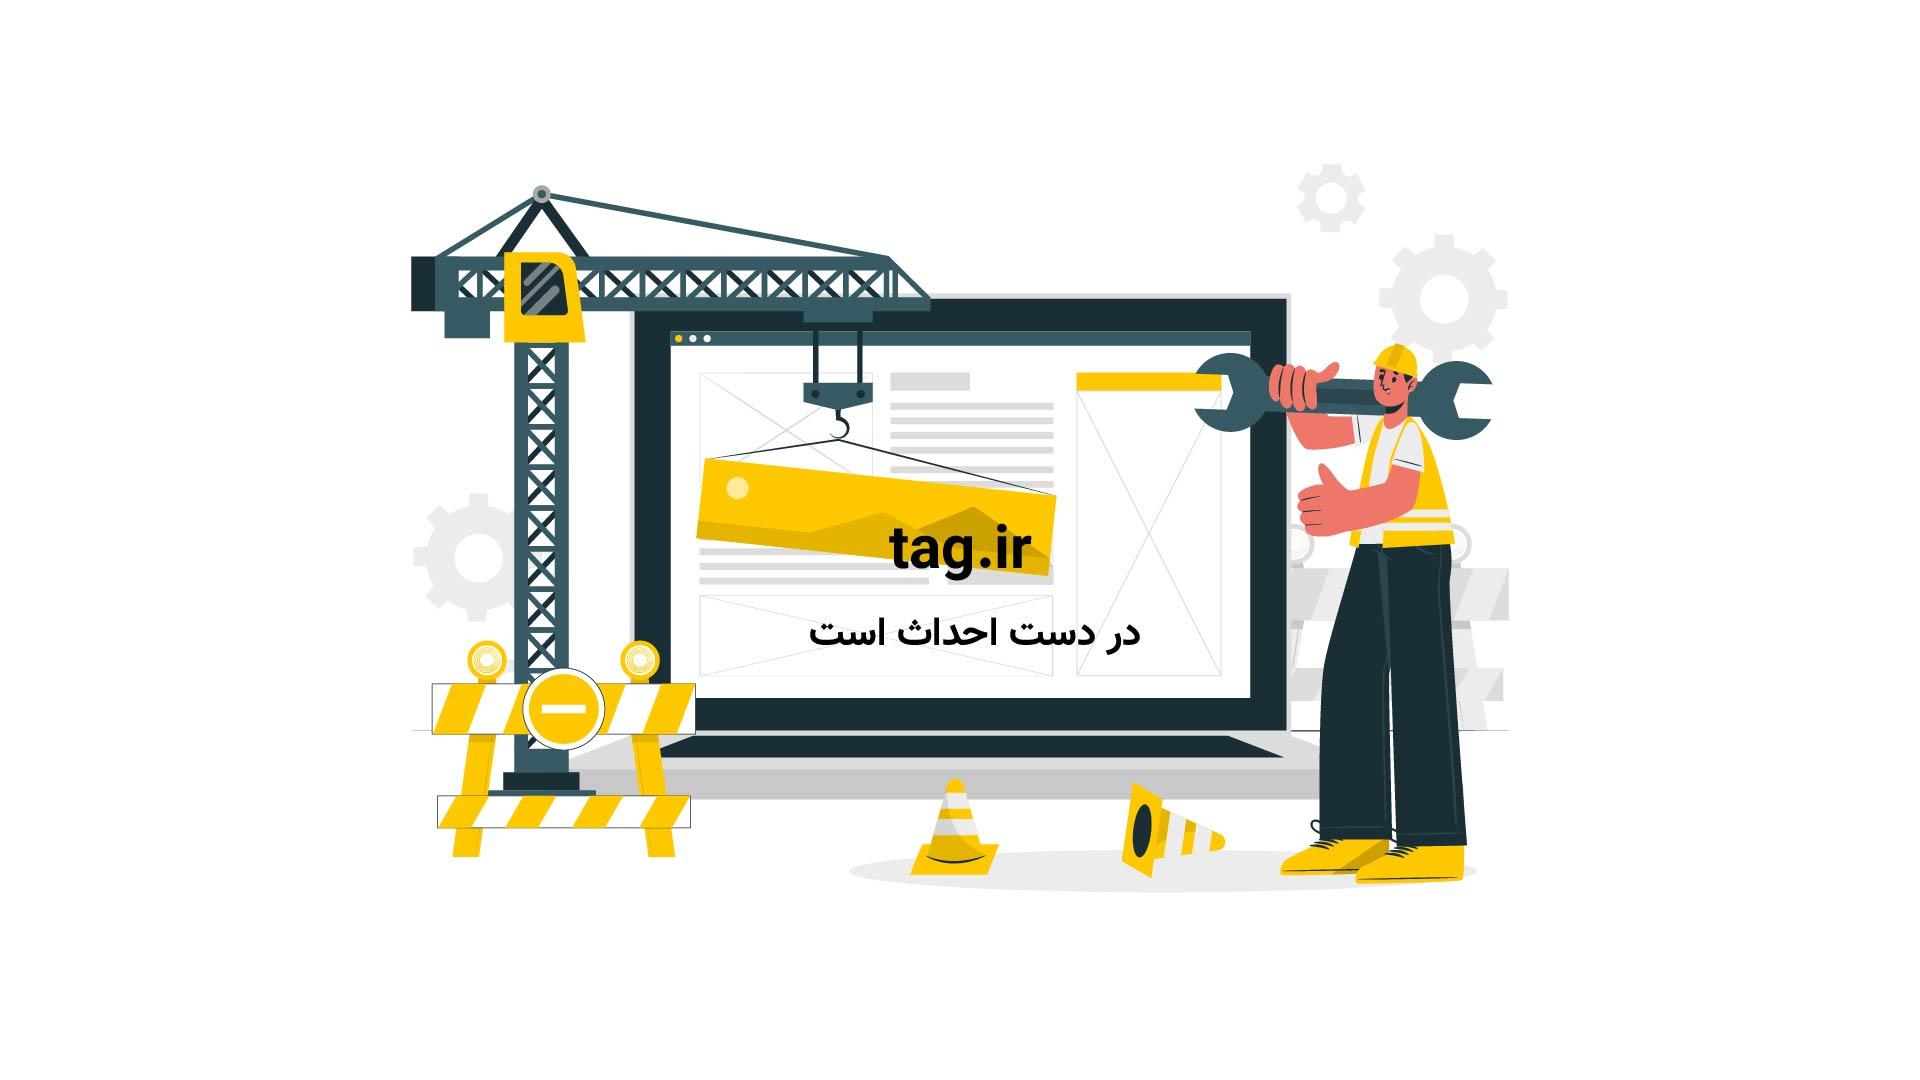 جدال دیدنی گراز دریایی عظیمالجثه و خرس قطبی   فیلم